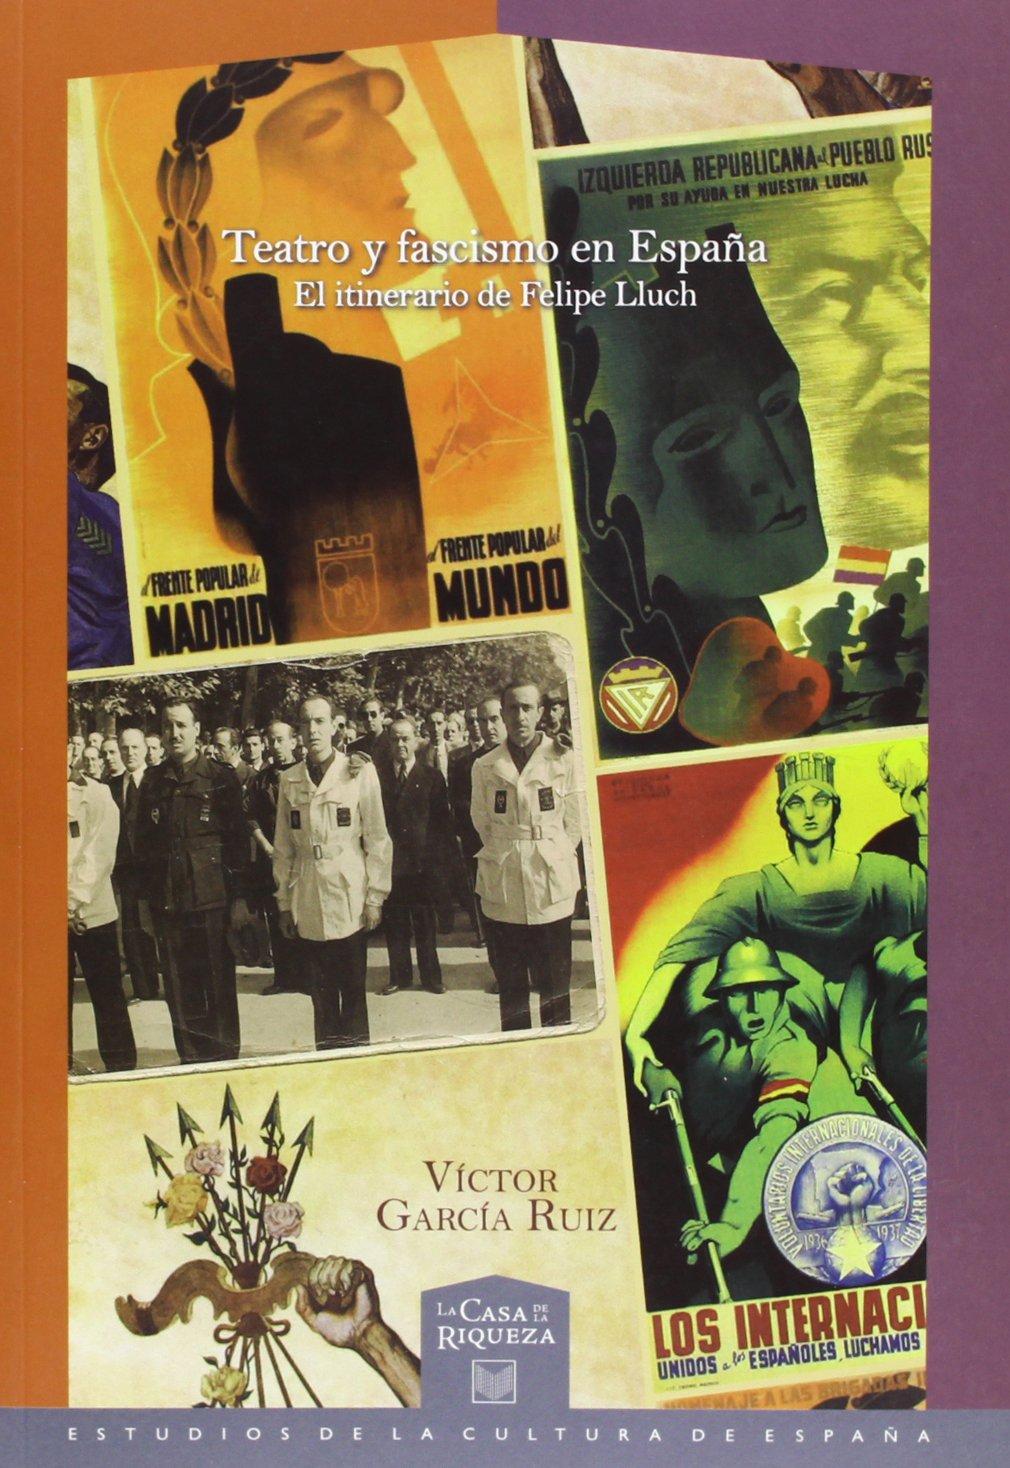 Teatro y fascismo en España. El itinerario de Felipe Lluch. La casa de la riqueza: Amazon.es: García Ruiz, Víctor: Libros